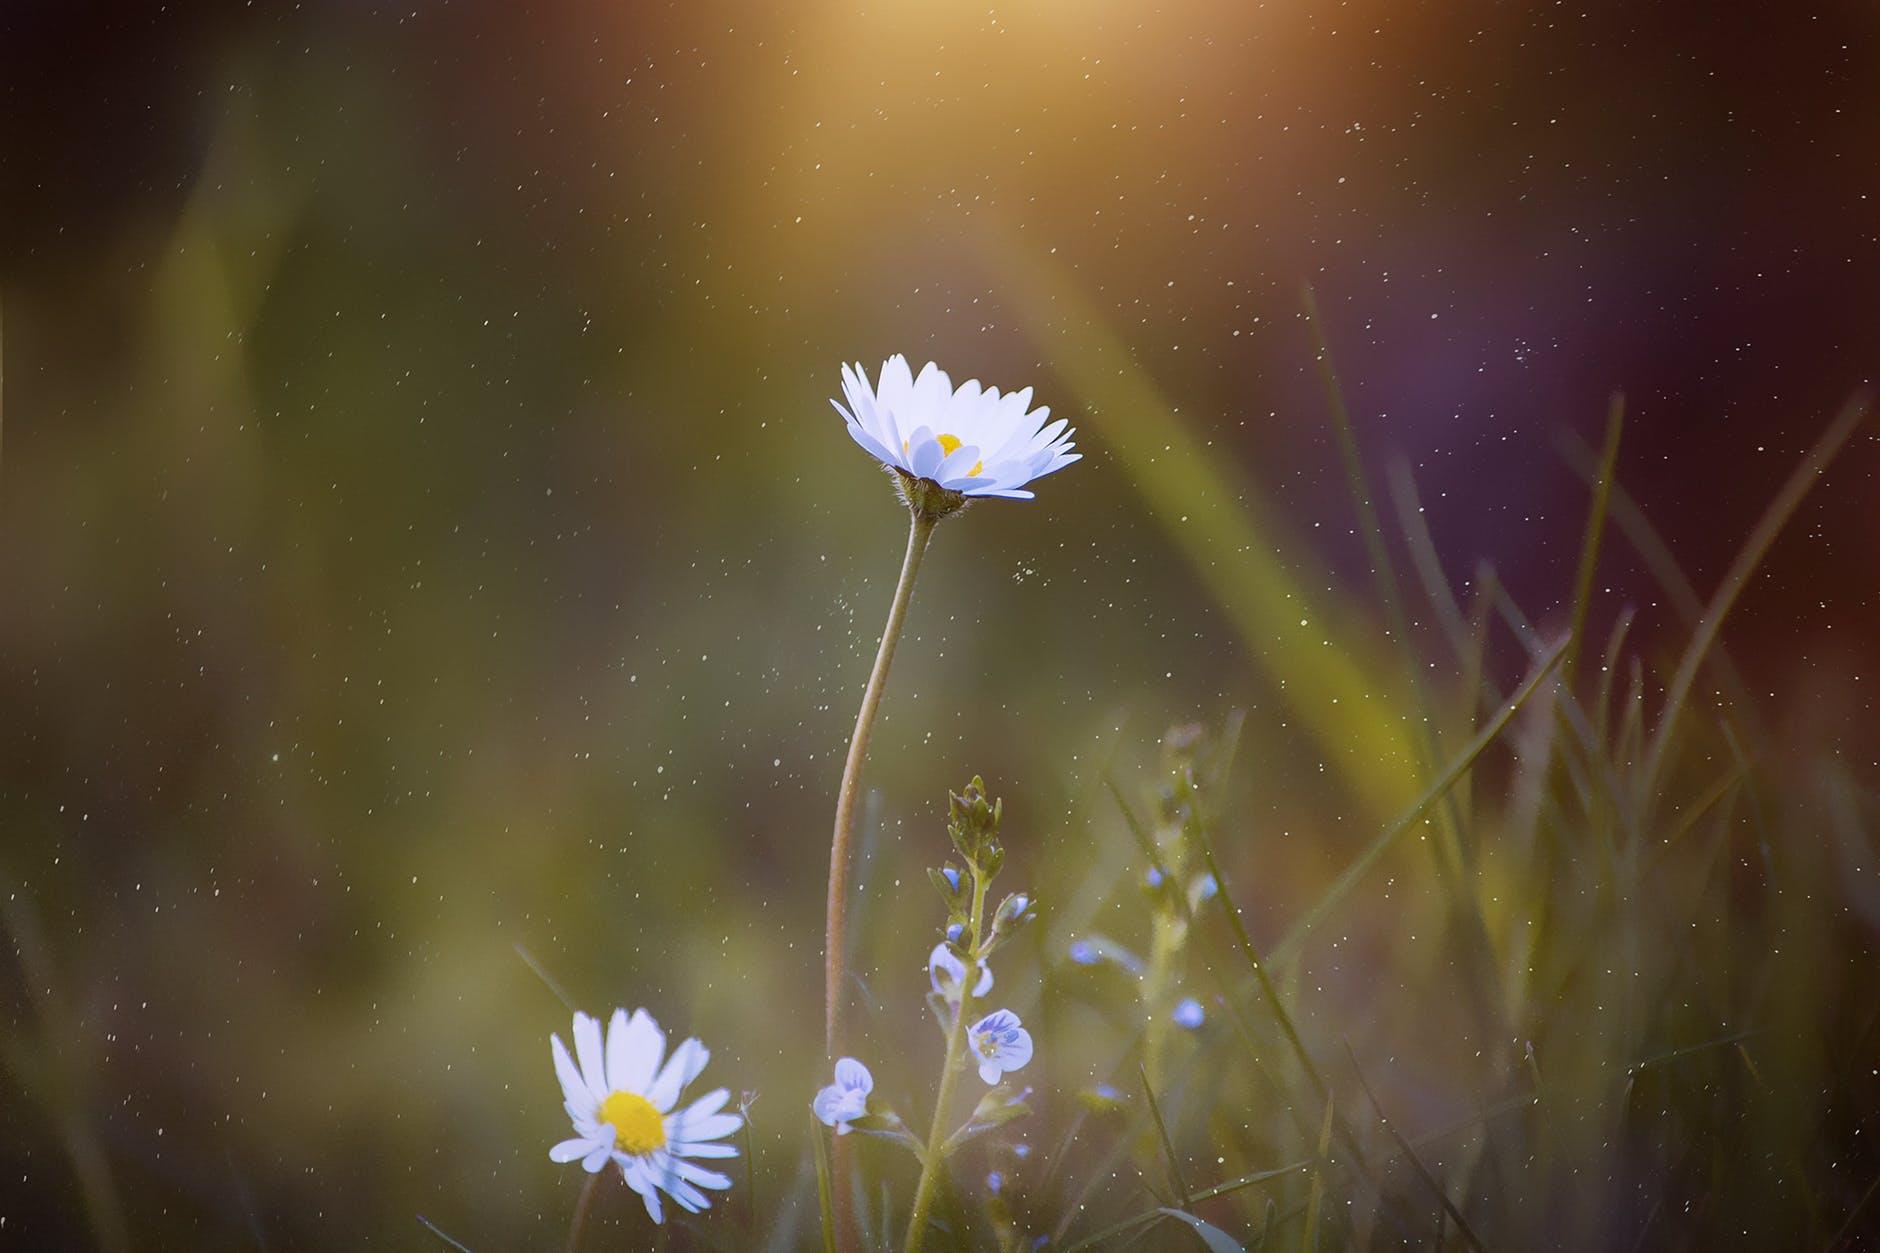 Accepteer jouw bloemencyclus